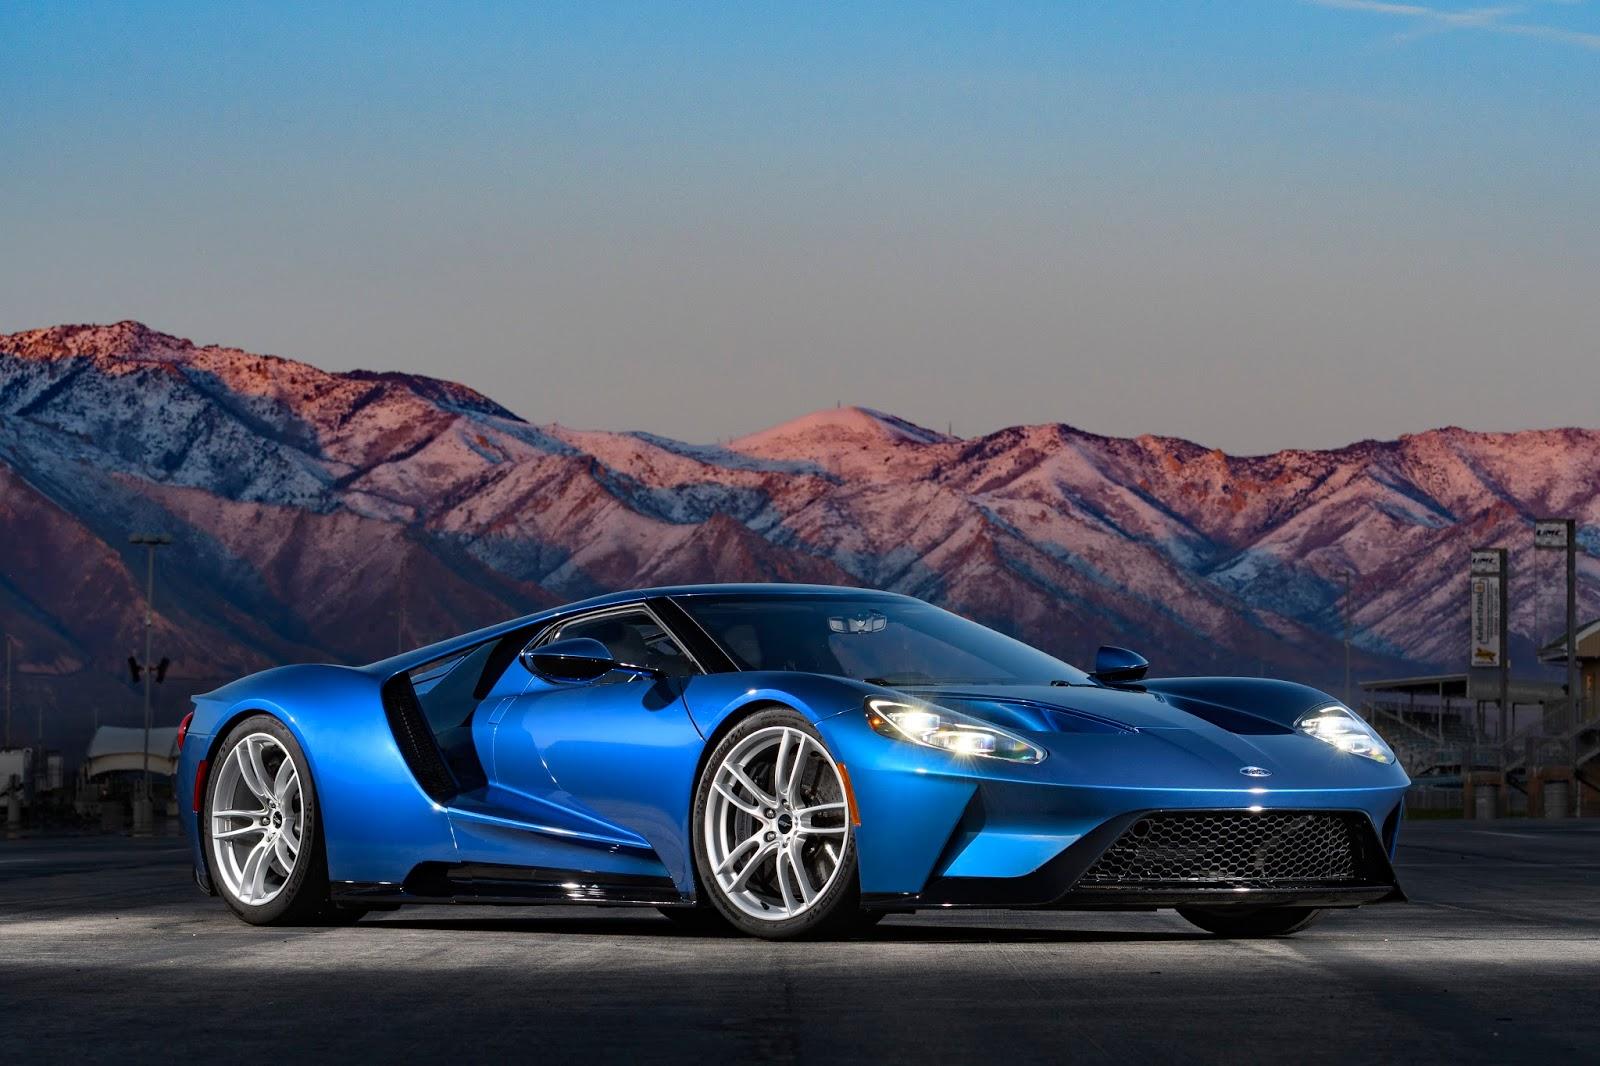 All NewFordGT Innovations 05 Ford GT : Το αυτοκίνητο του αύριο... σήμερα Ford, Ford GT, Ford GT 40, Future, supercars, τεχνικά, Τεχνολογία